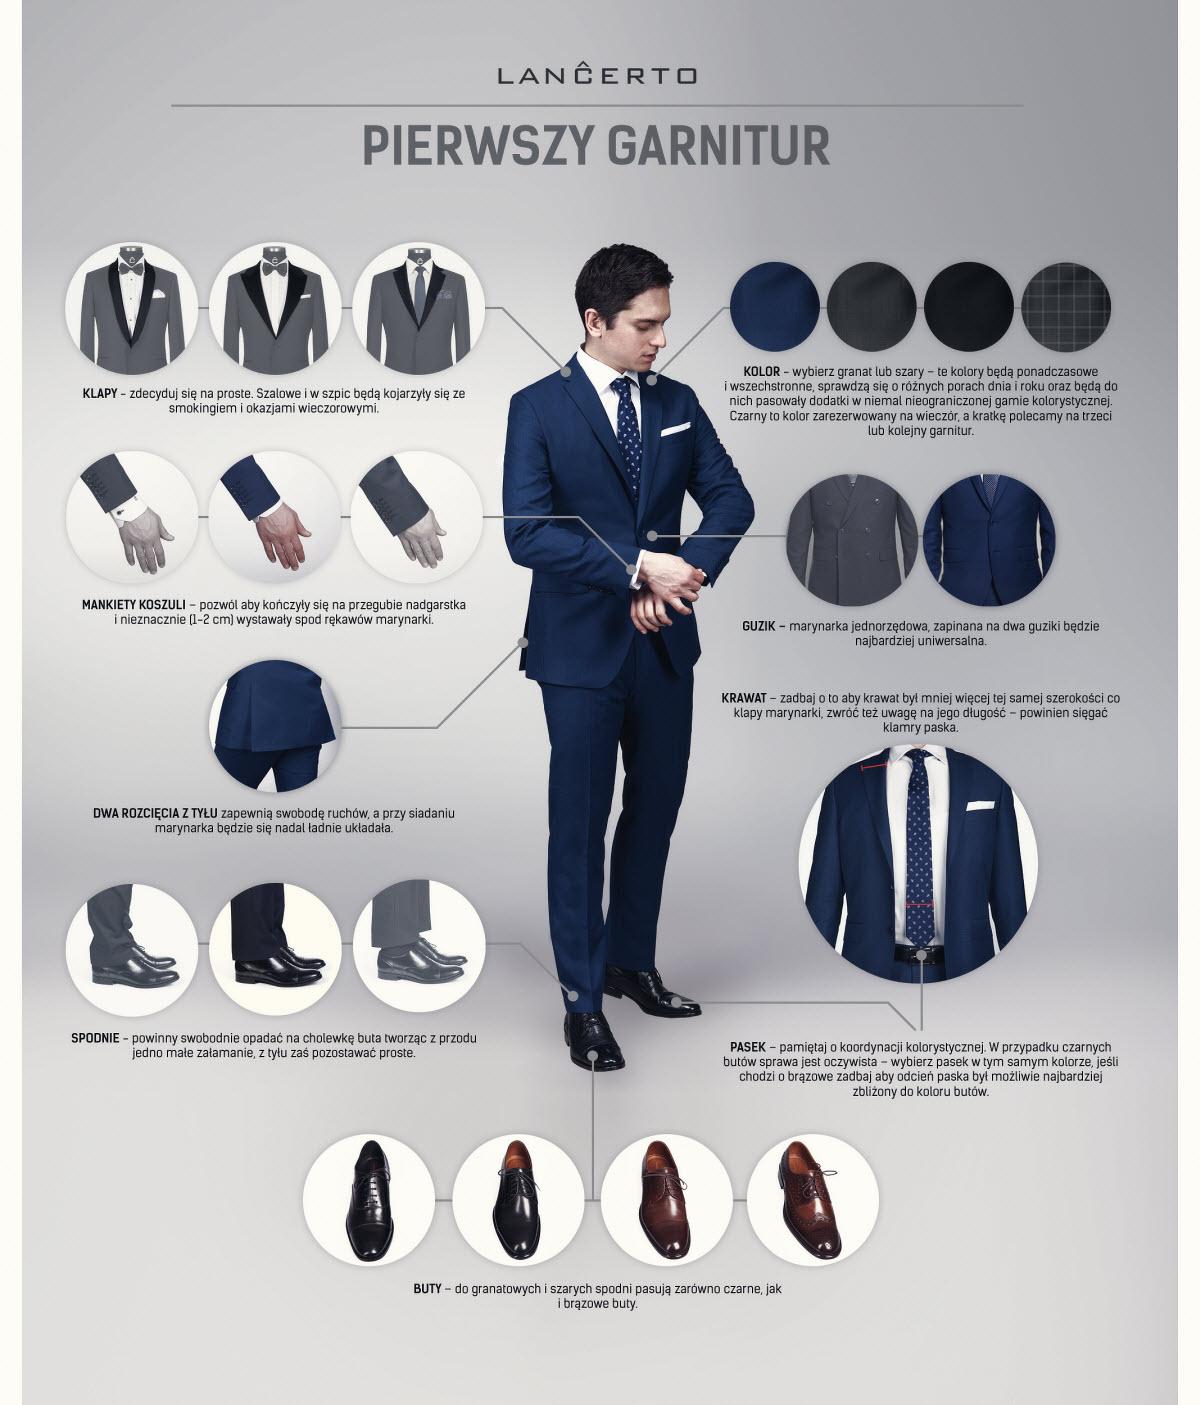 wybieramy idealny garnitur